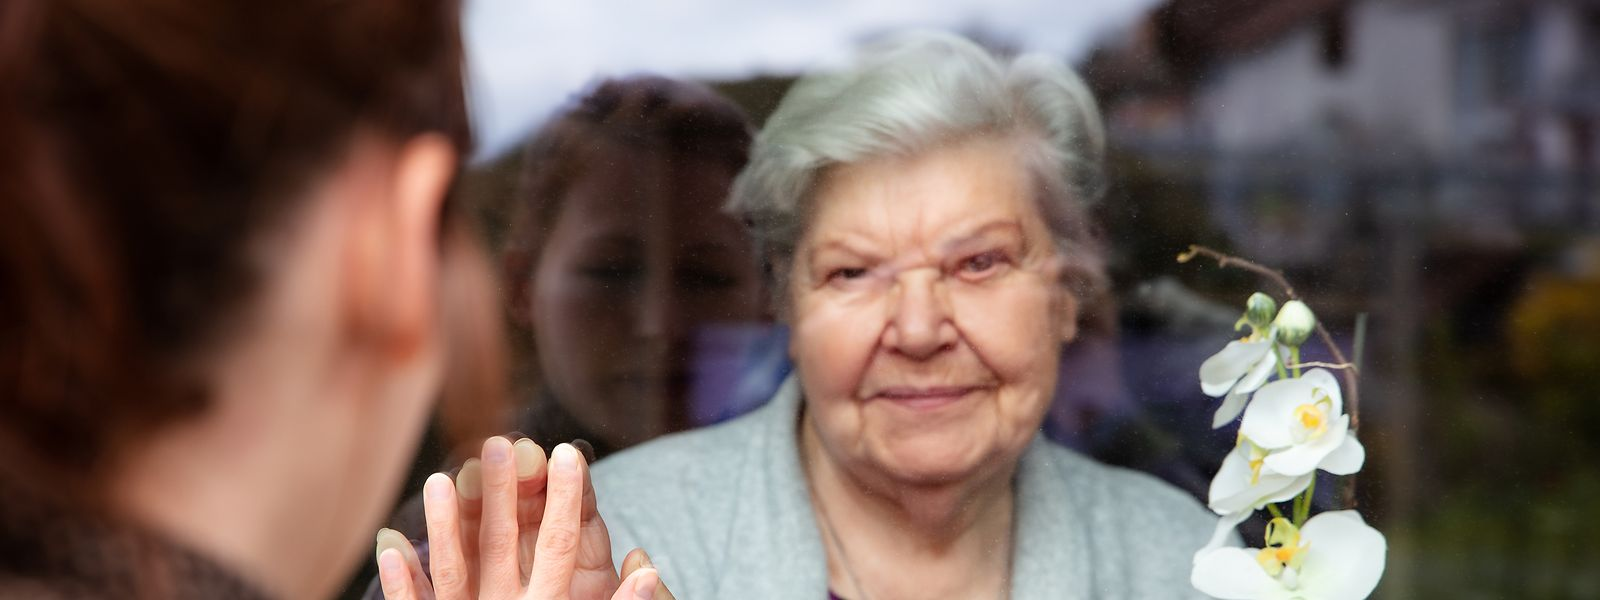 Das Wohlbefinden der Zehntausenden Senioren wurde nicht abgefragt, der Schulterschluss mit den Gemeinden verpasst.